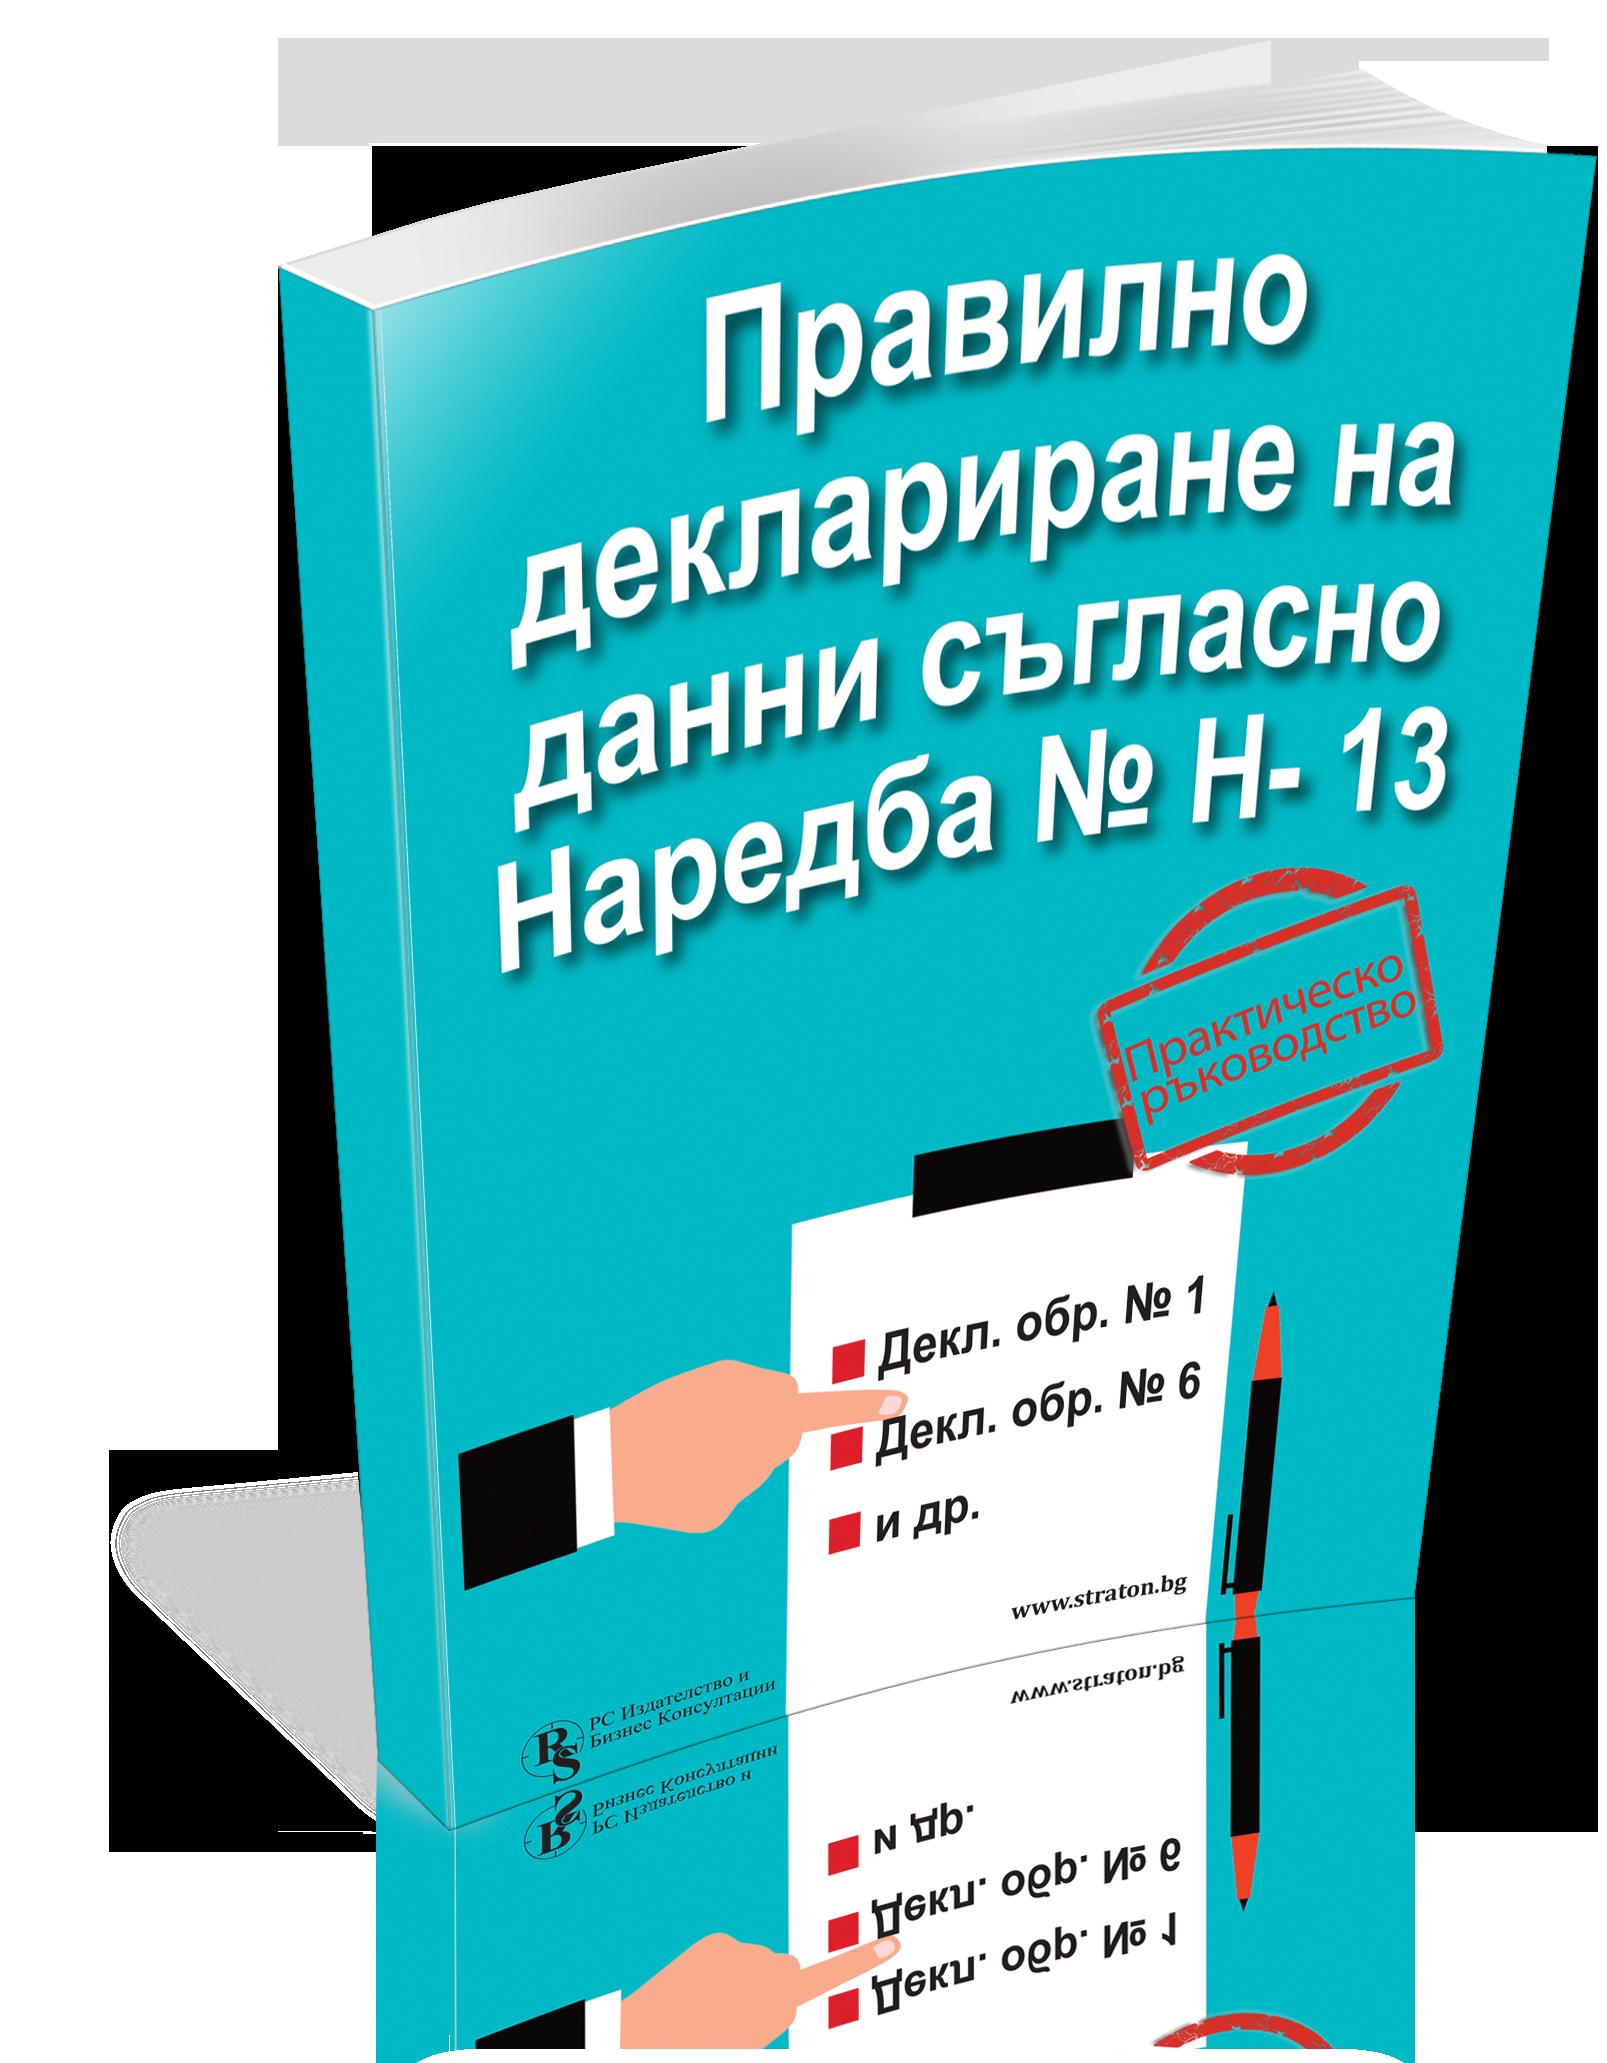 Правилно деклариране на данни съгласно Наредба № Н-13 - практическо ръководство